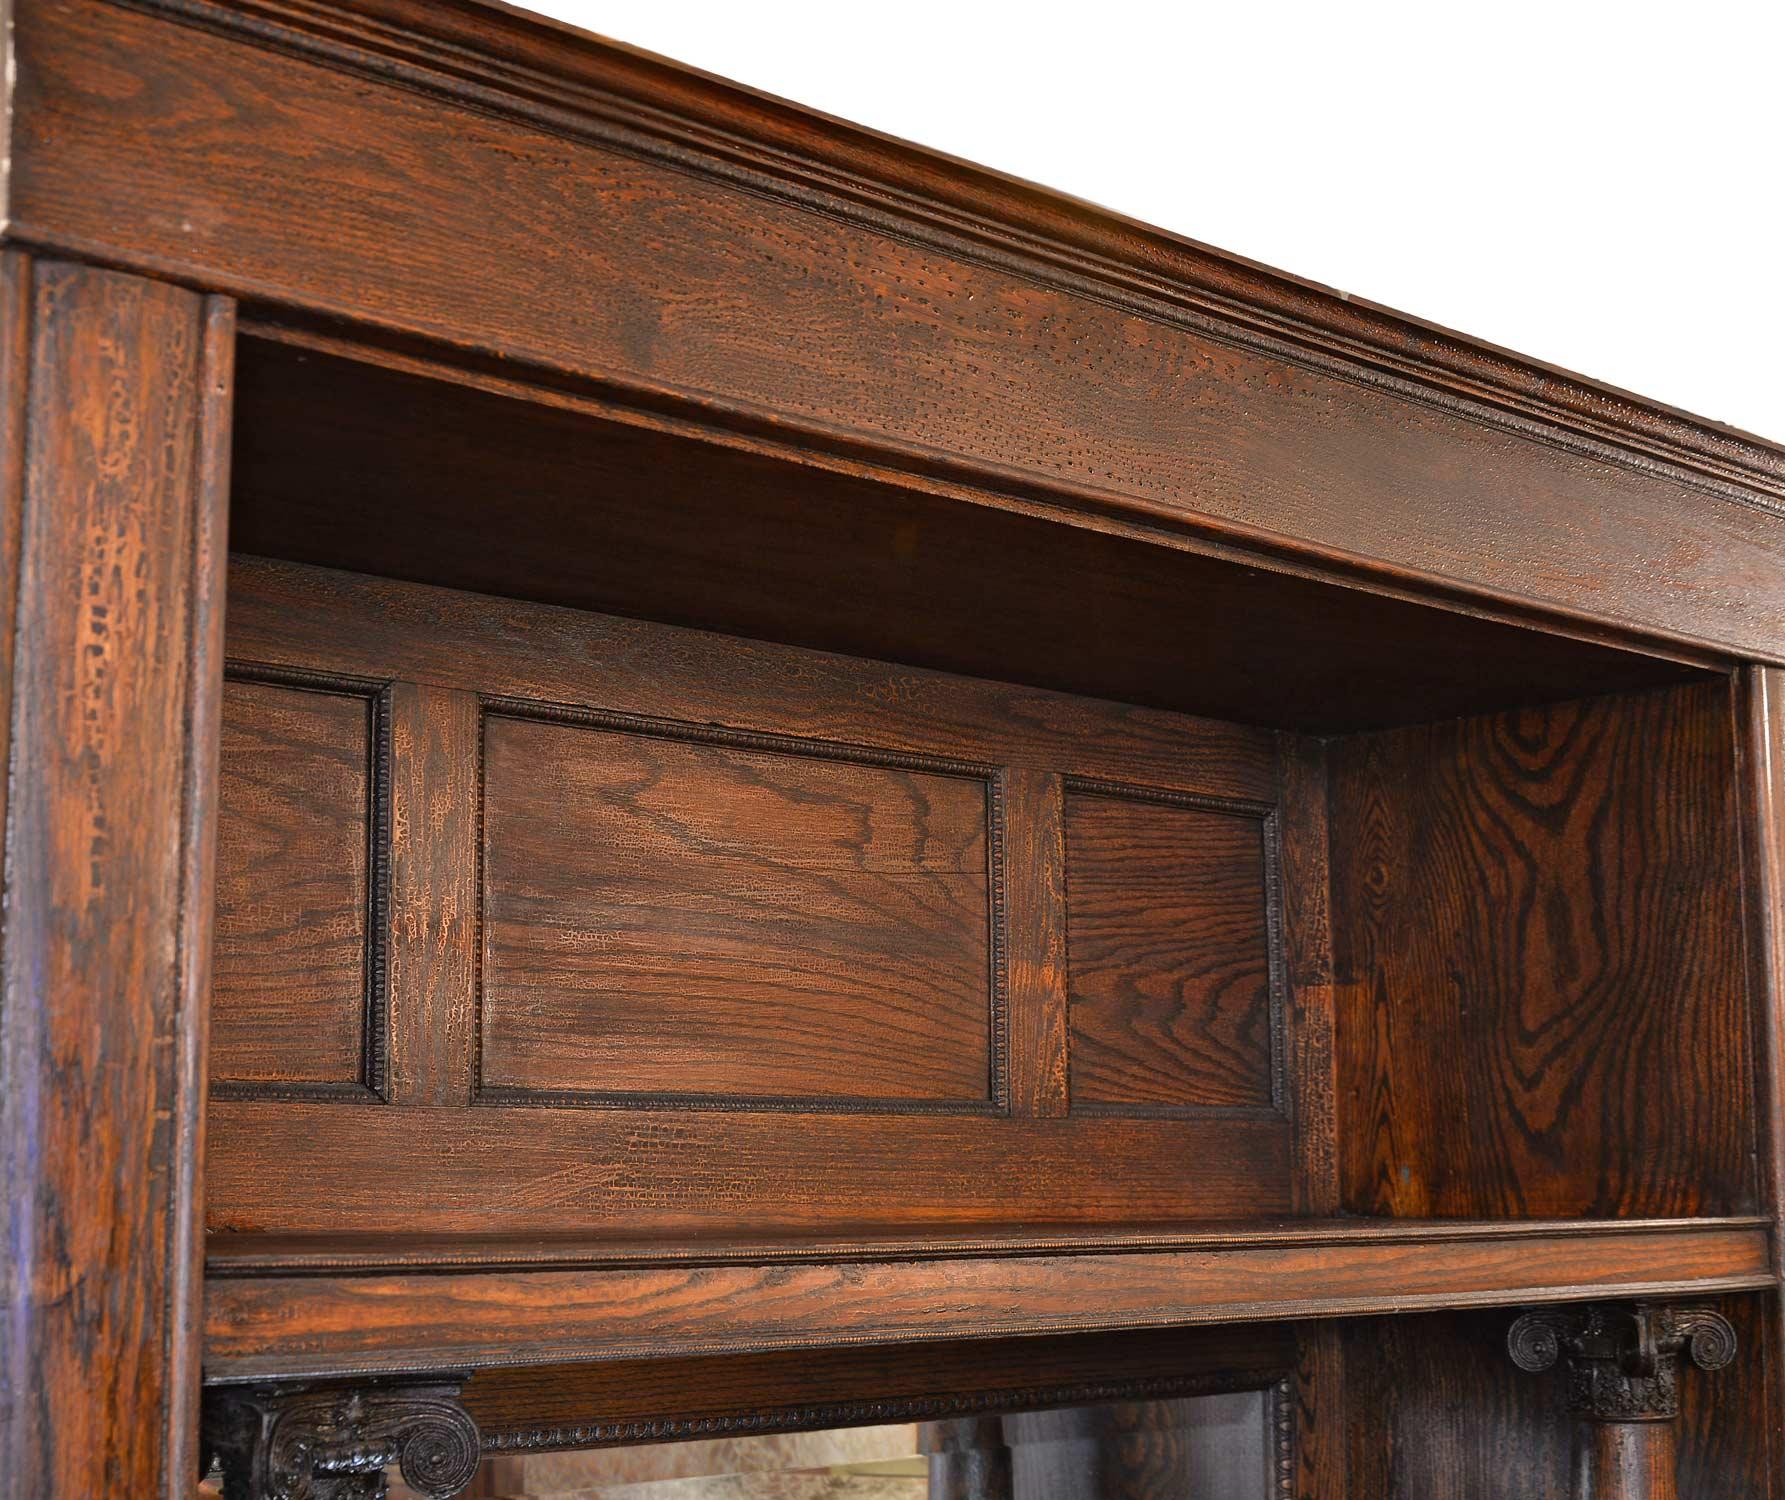 46038-oak-buffet-with-columns-top.jpg